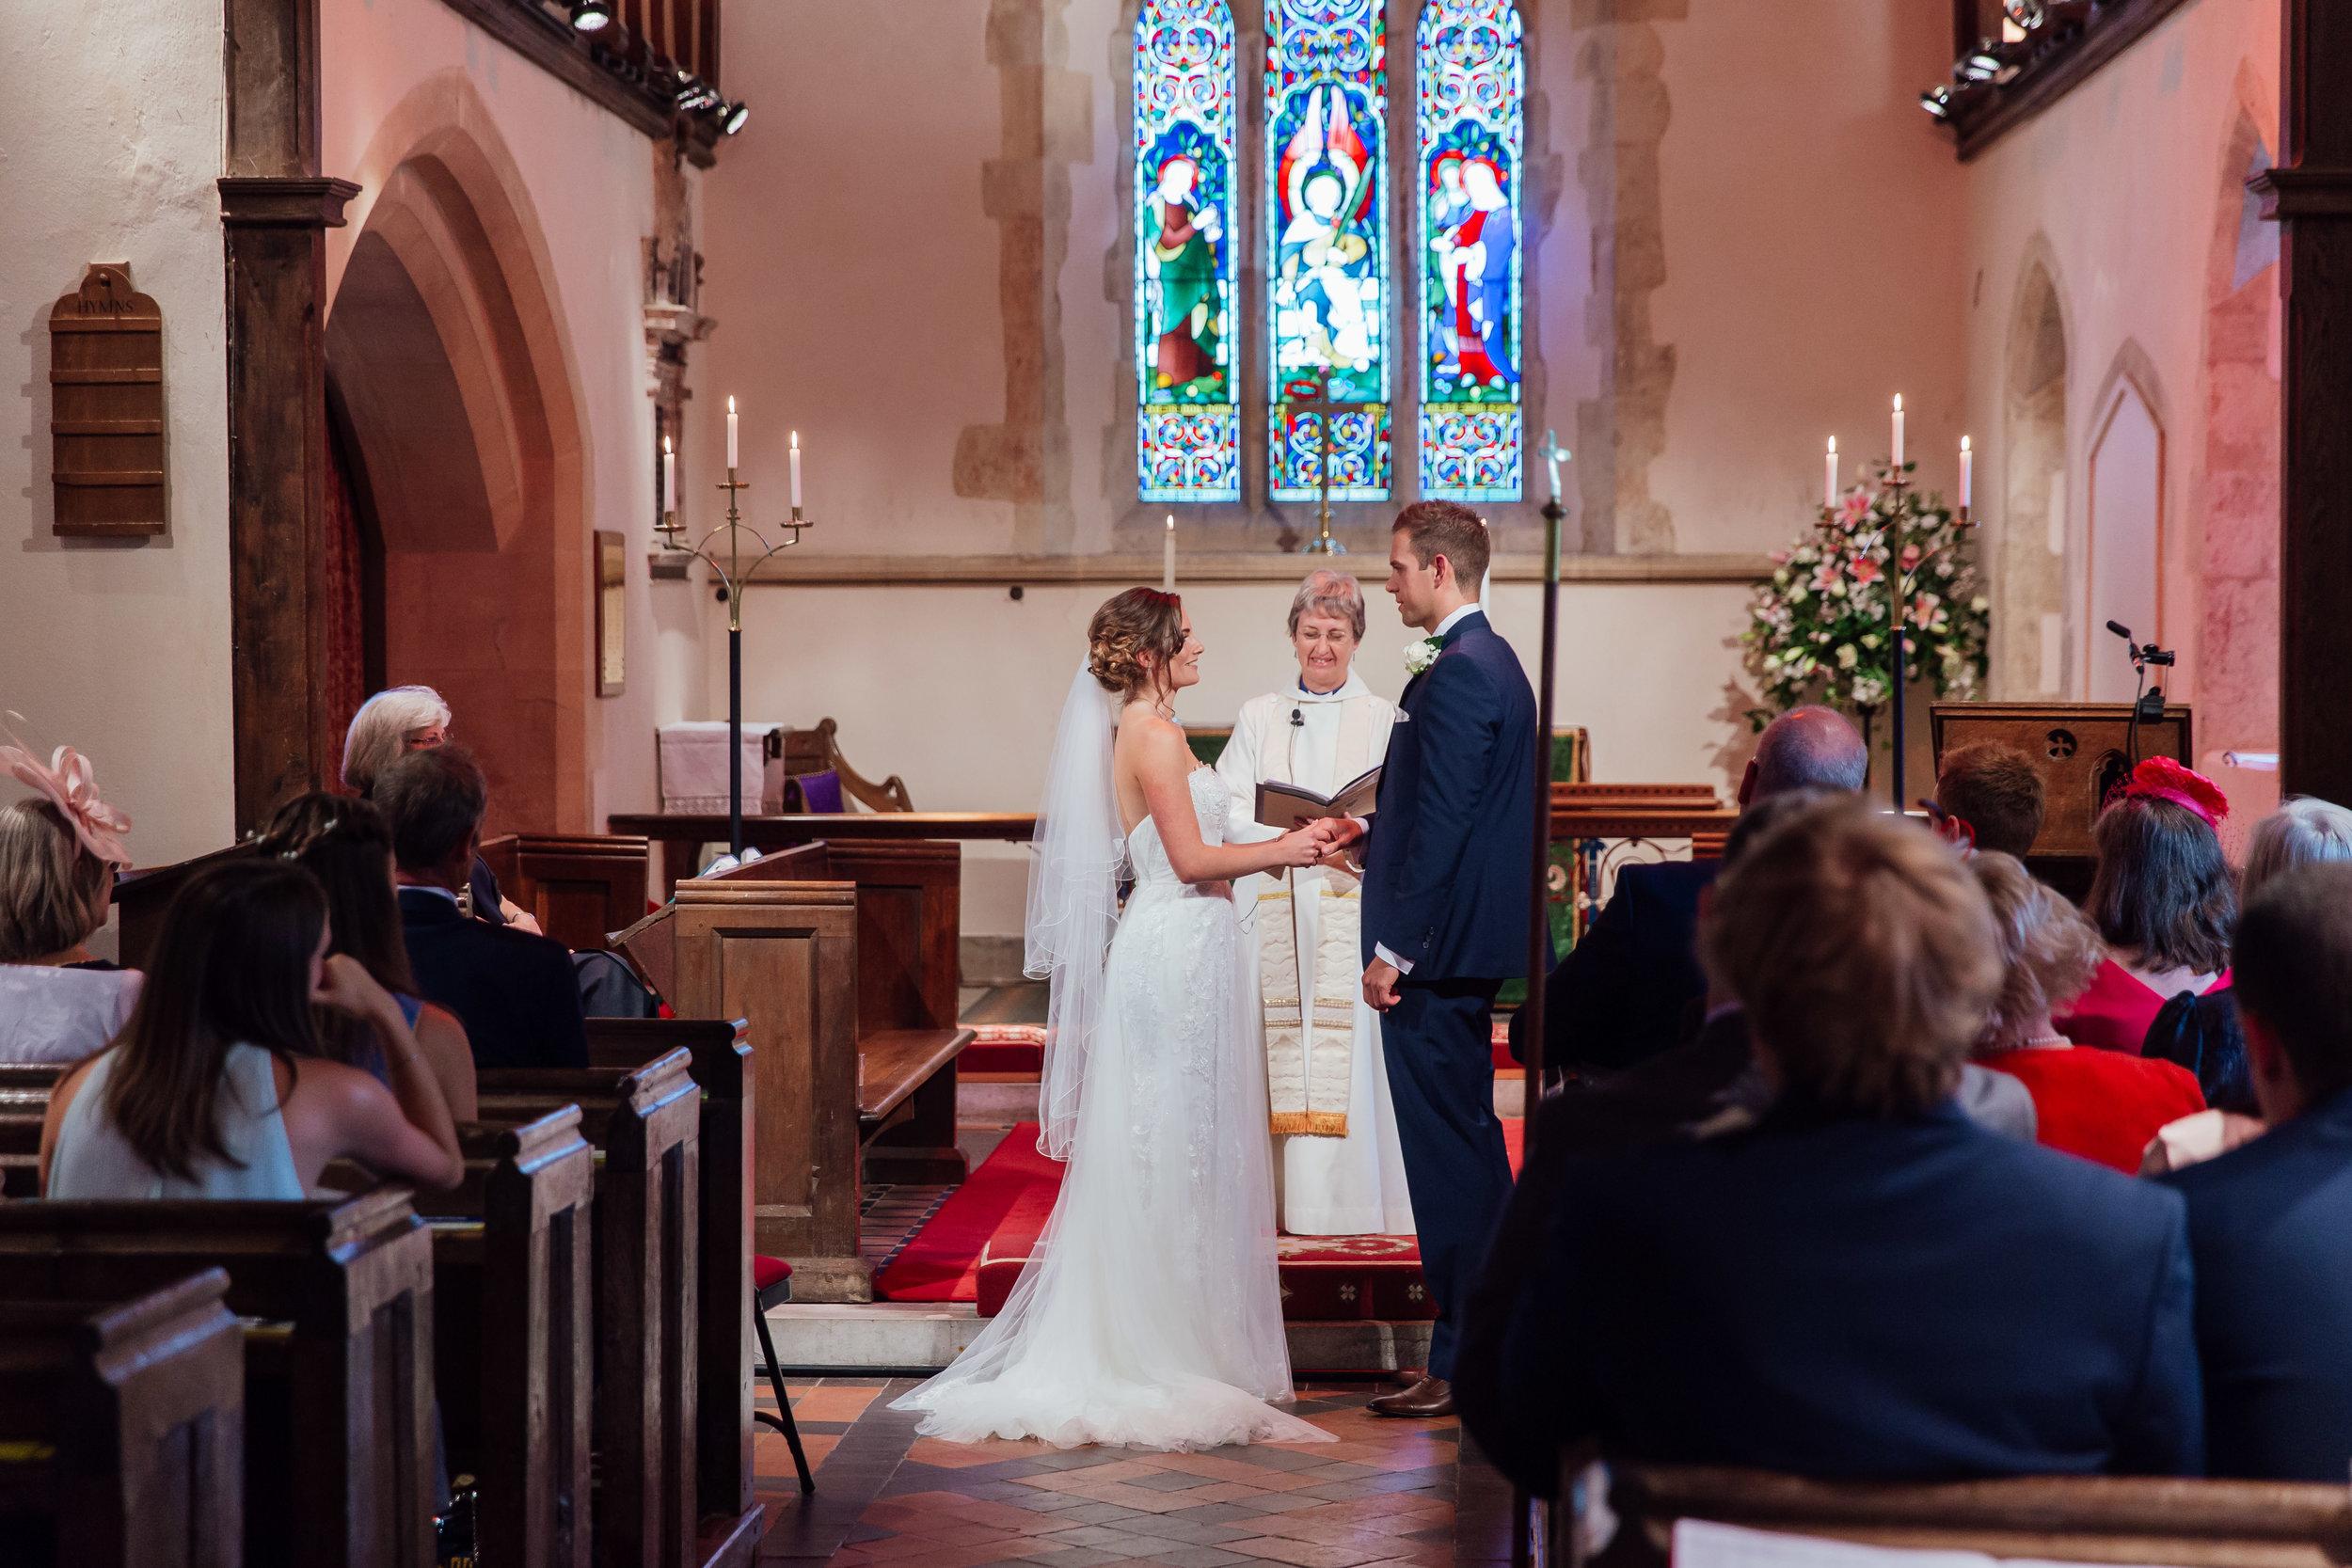 Hampshire-wedding-photographer : hampshire-village-hall-wedding : rotherwick-village-hall-wedding : wedding-photographer-hampshire : amy-james-photography : natural-wedding-photographer-hampshire : wedding-photographer-hampshire-307.jpg